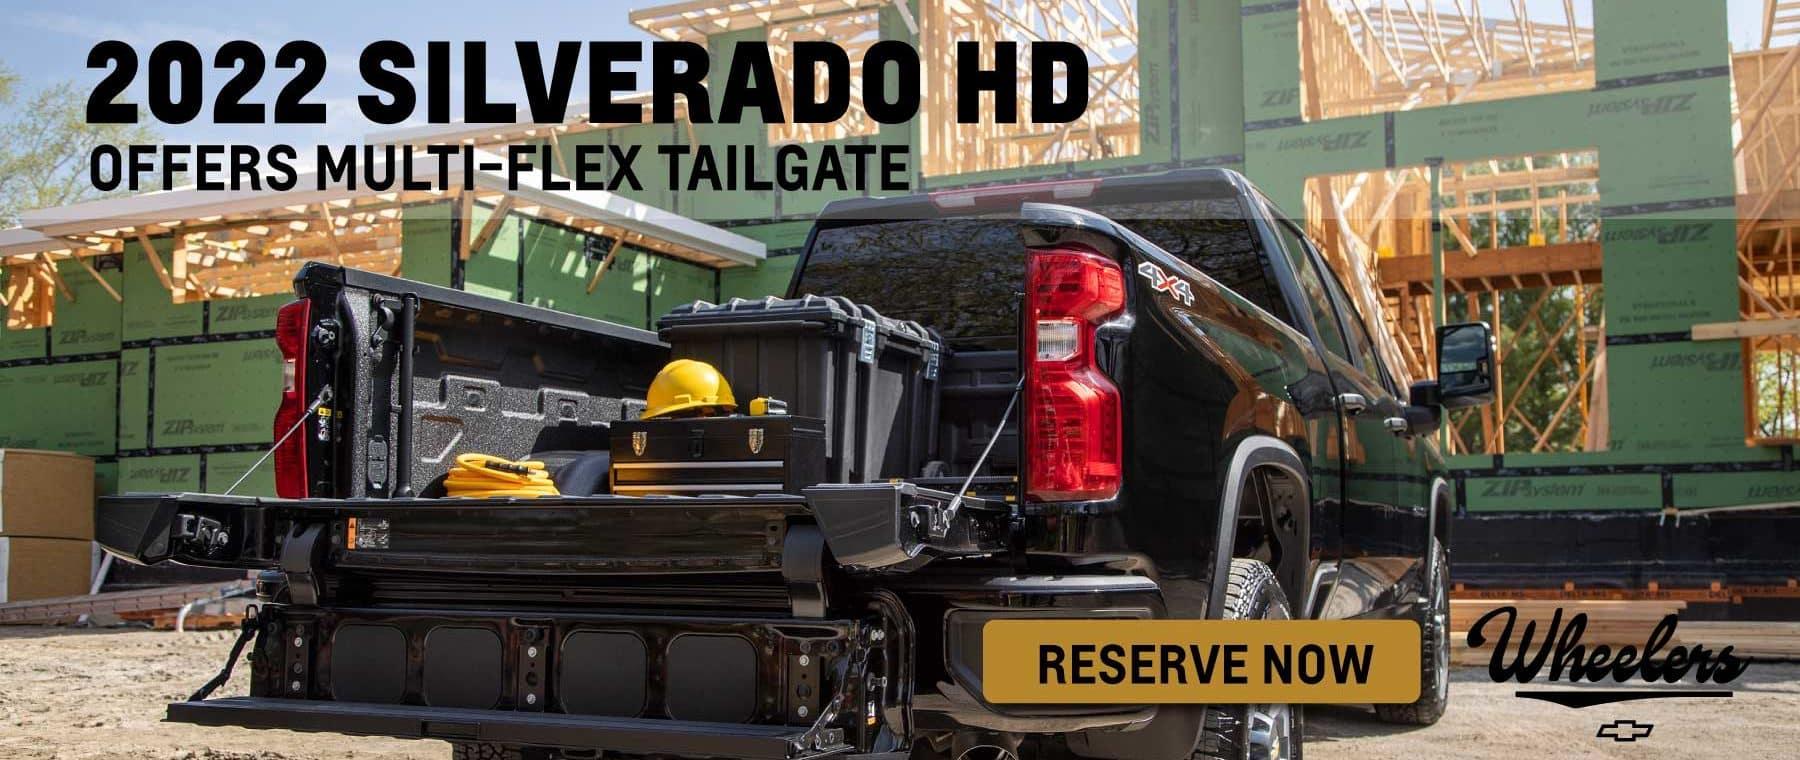 2022 Chevrolet Silverado HD Reserve Now